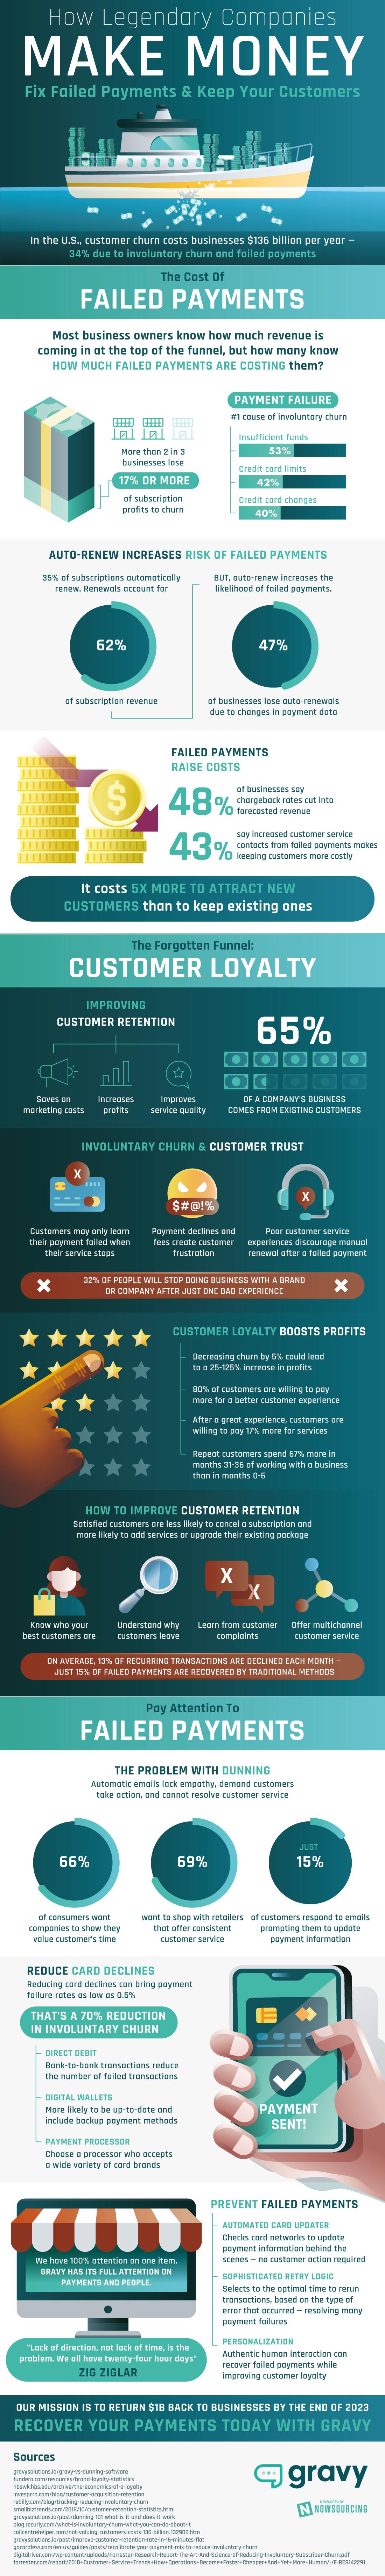 Reducing Involuntary Customer Churn [Infographic]